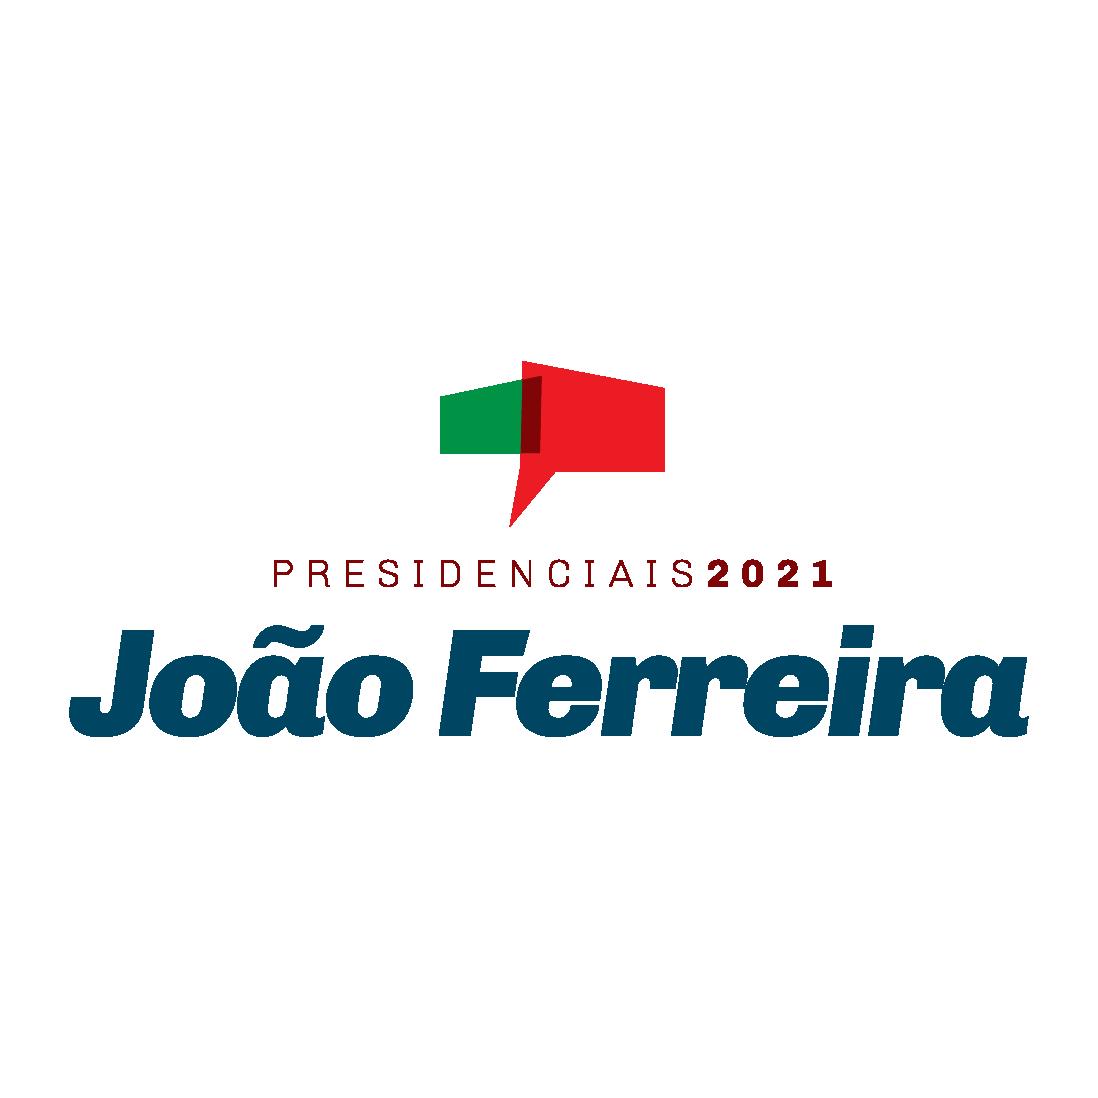 João Ferreira - Presidenciais 2021